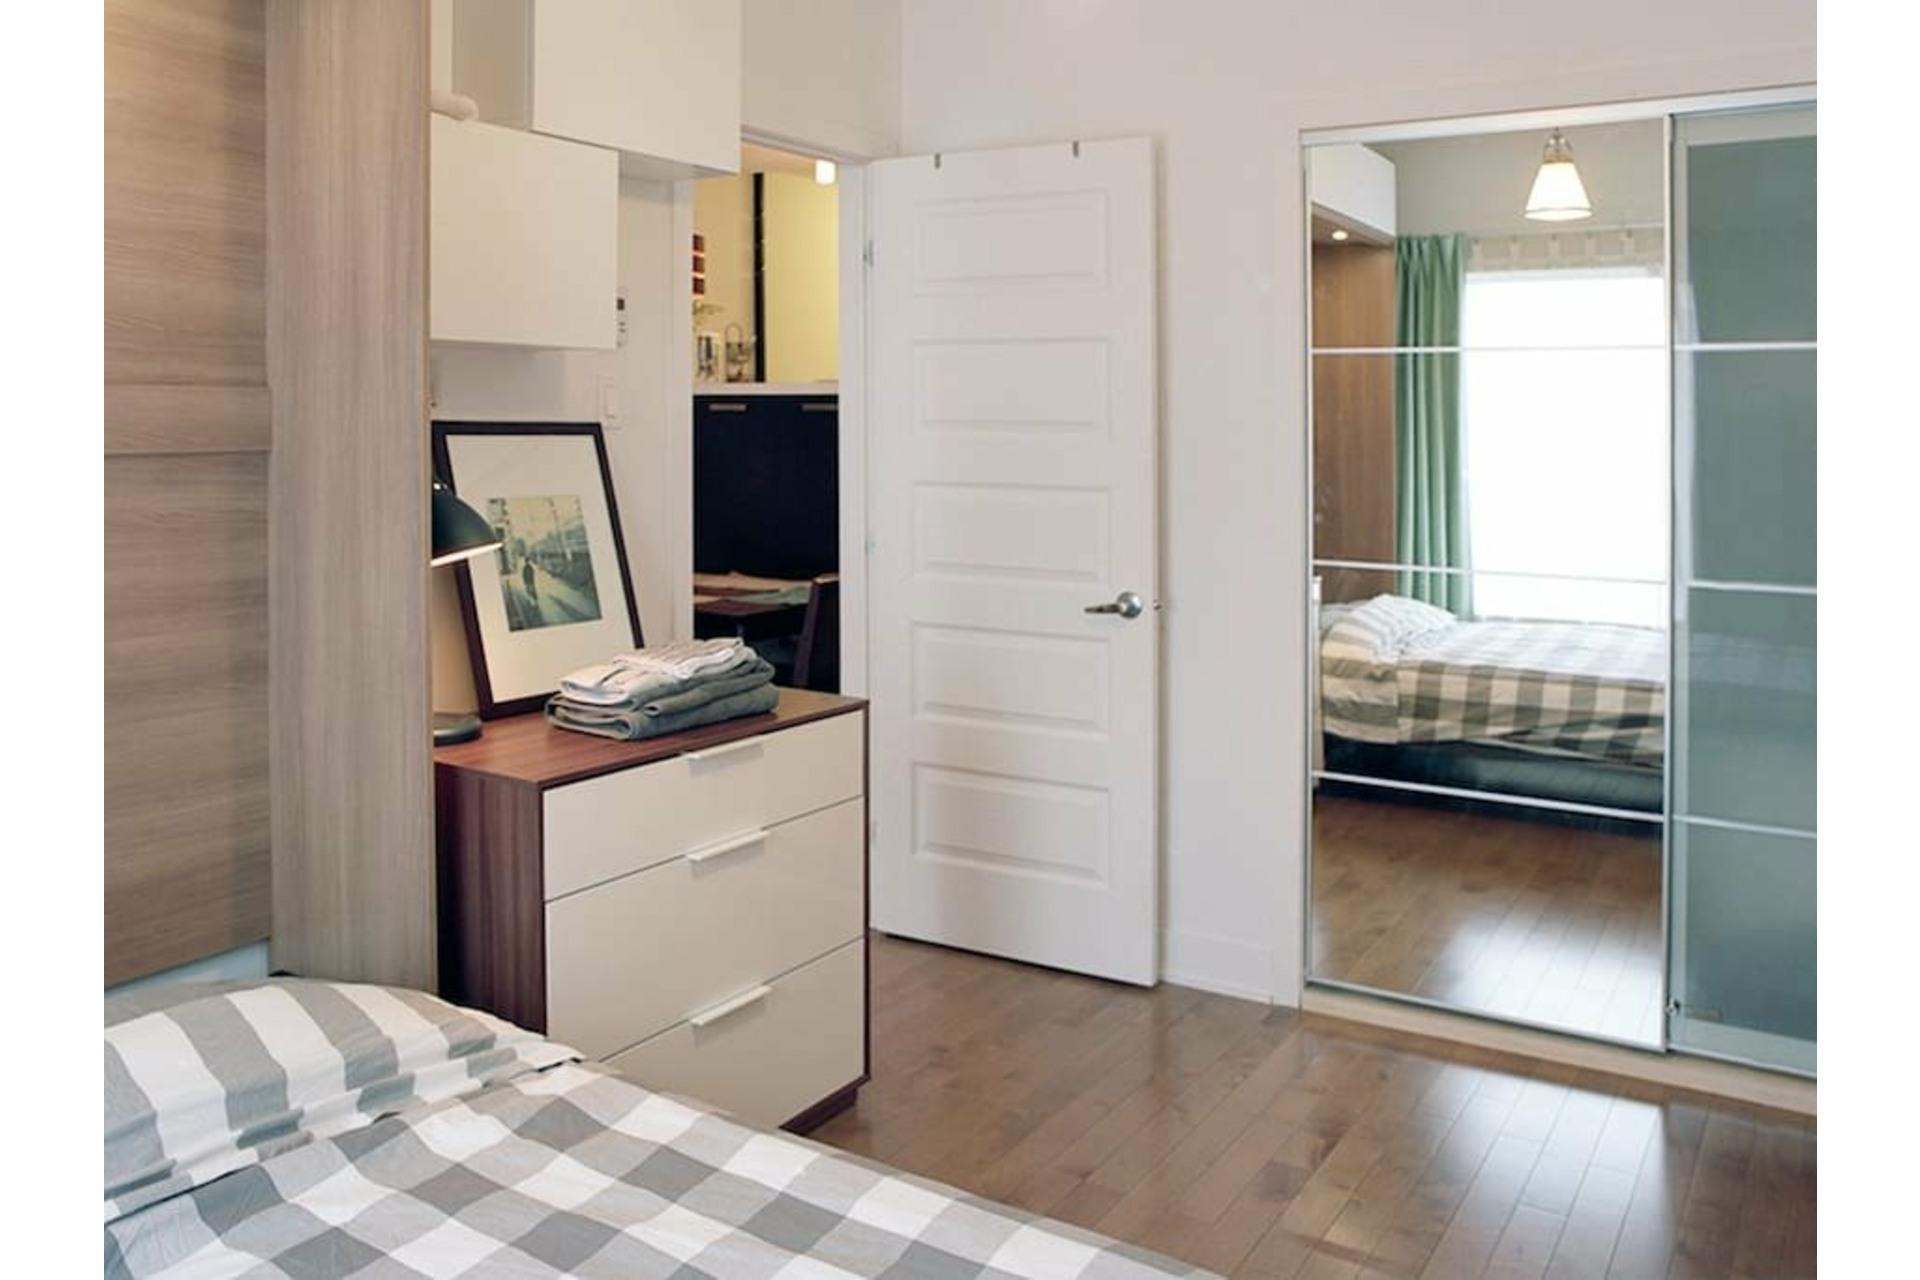 image 16 - Appartement À louer Le Plateau-Mont-Royal Montréal  - 4 pièces